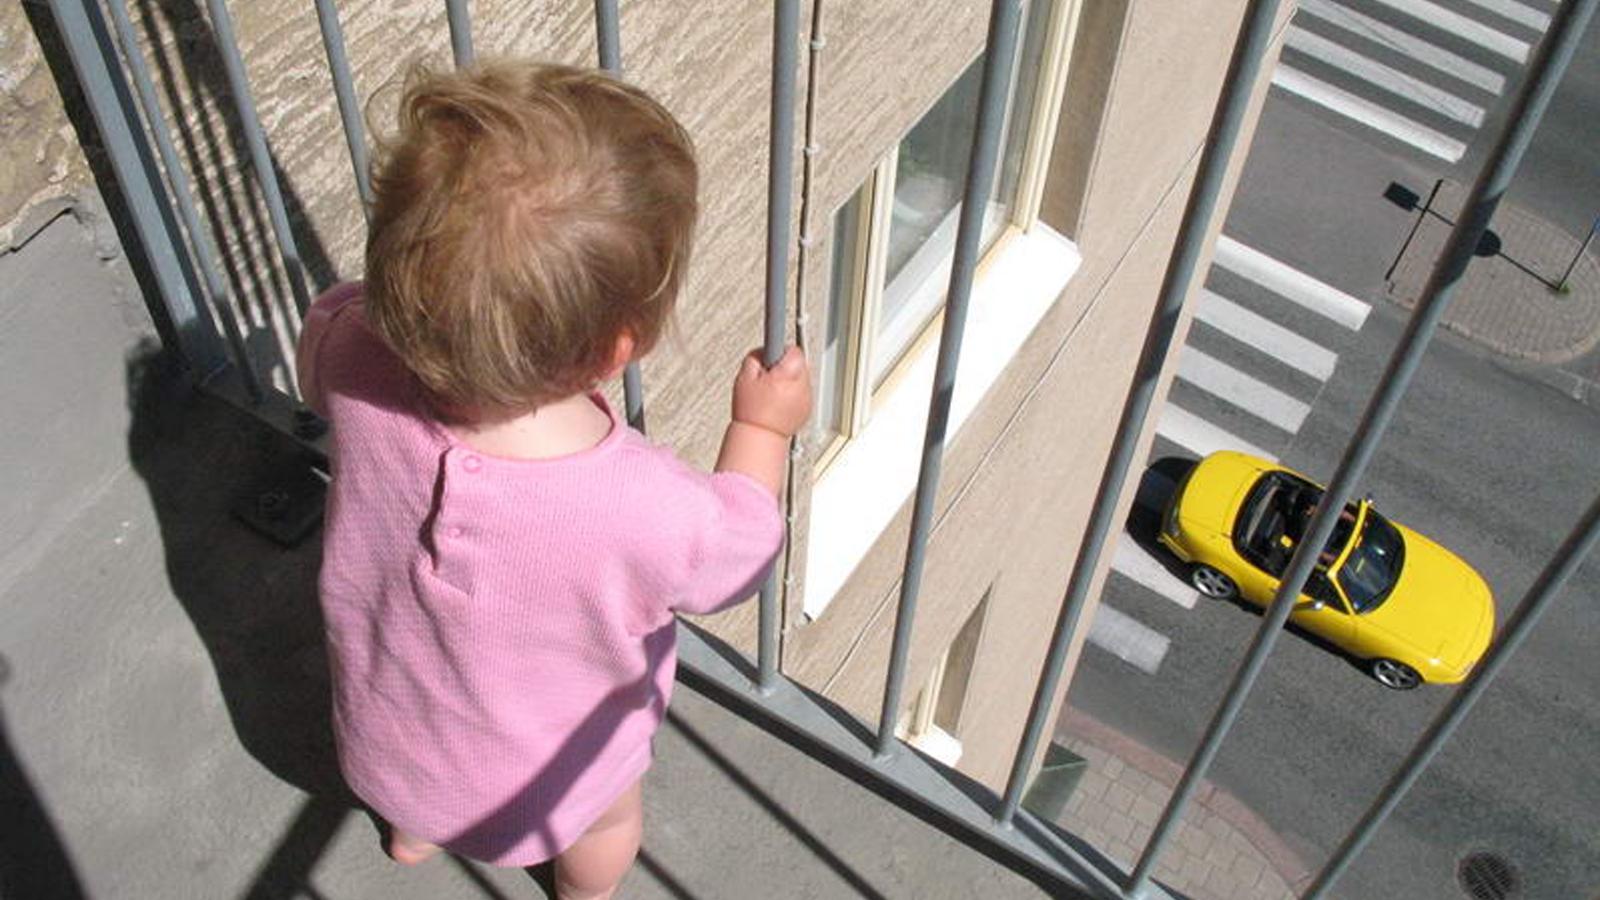 В Череповце с 4-го этажа выпала 2-летняя девочка